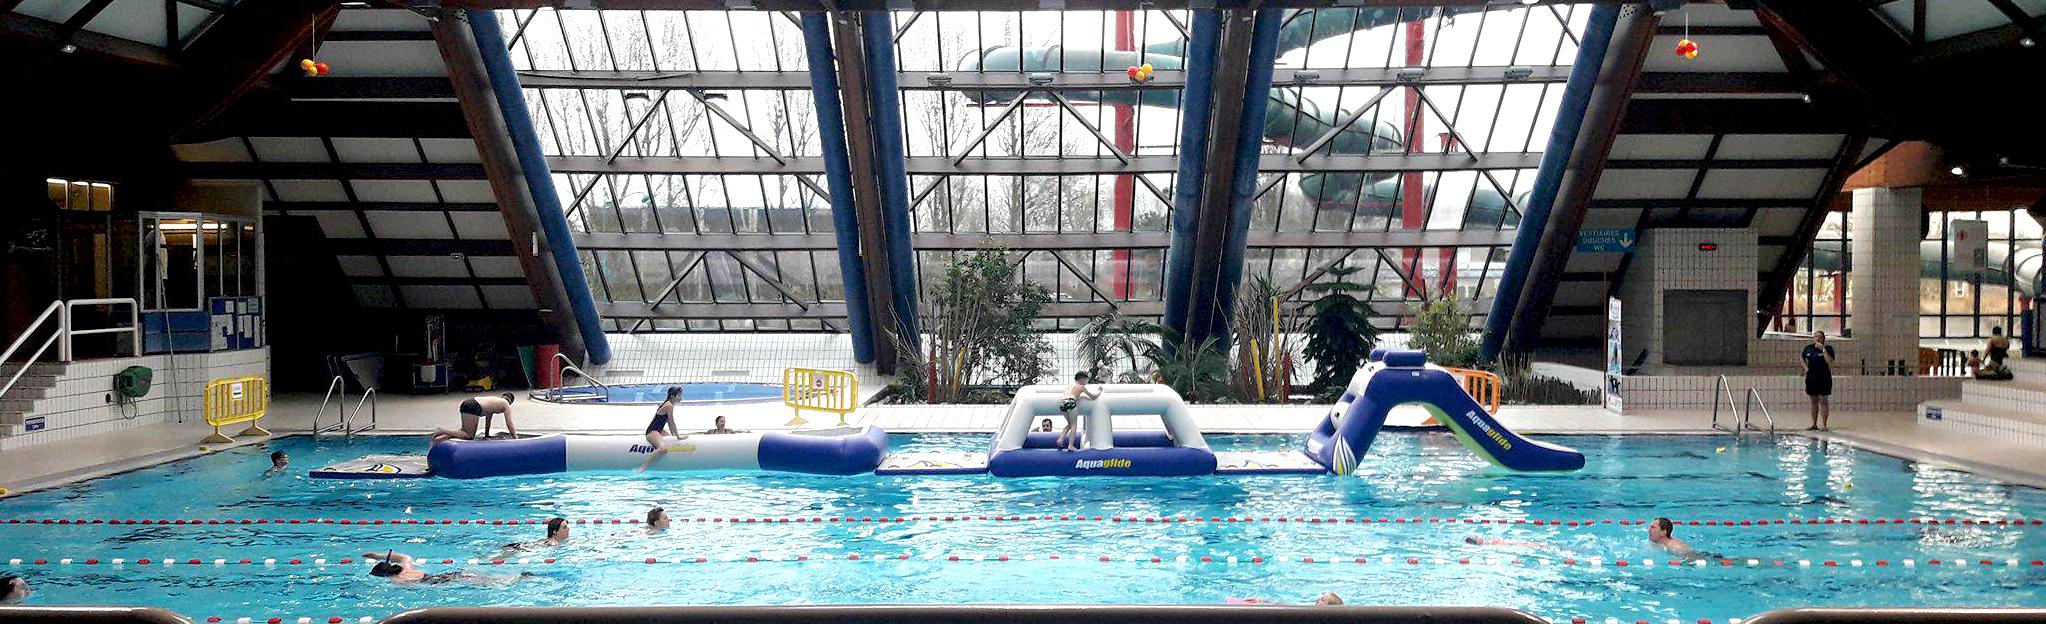 Piscine Sauna Aquagym Aquabike À Gravelines - Sportica encequiconcerne Sportica Piscine